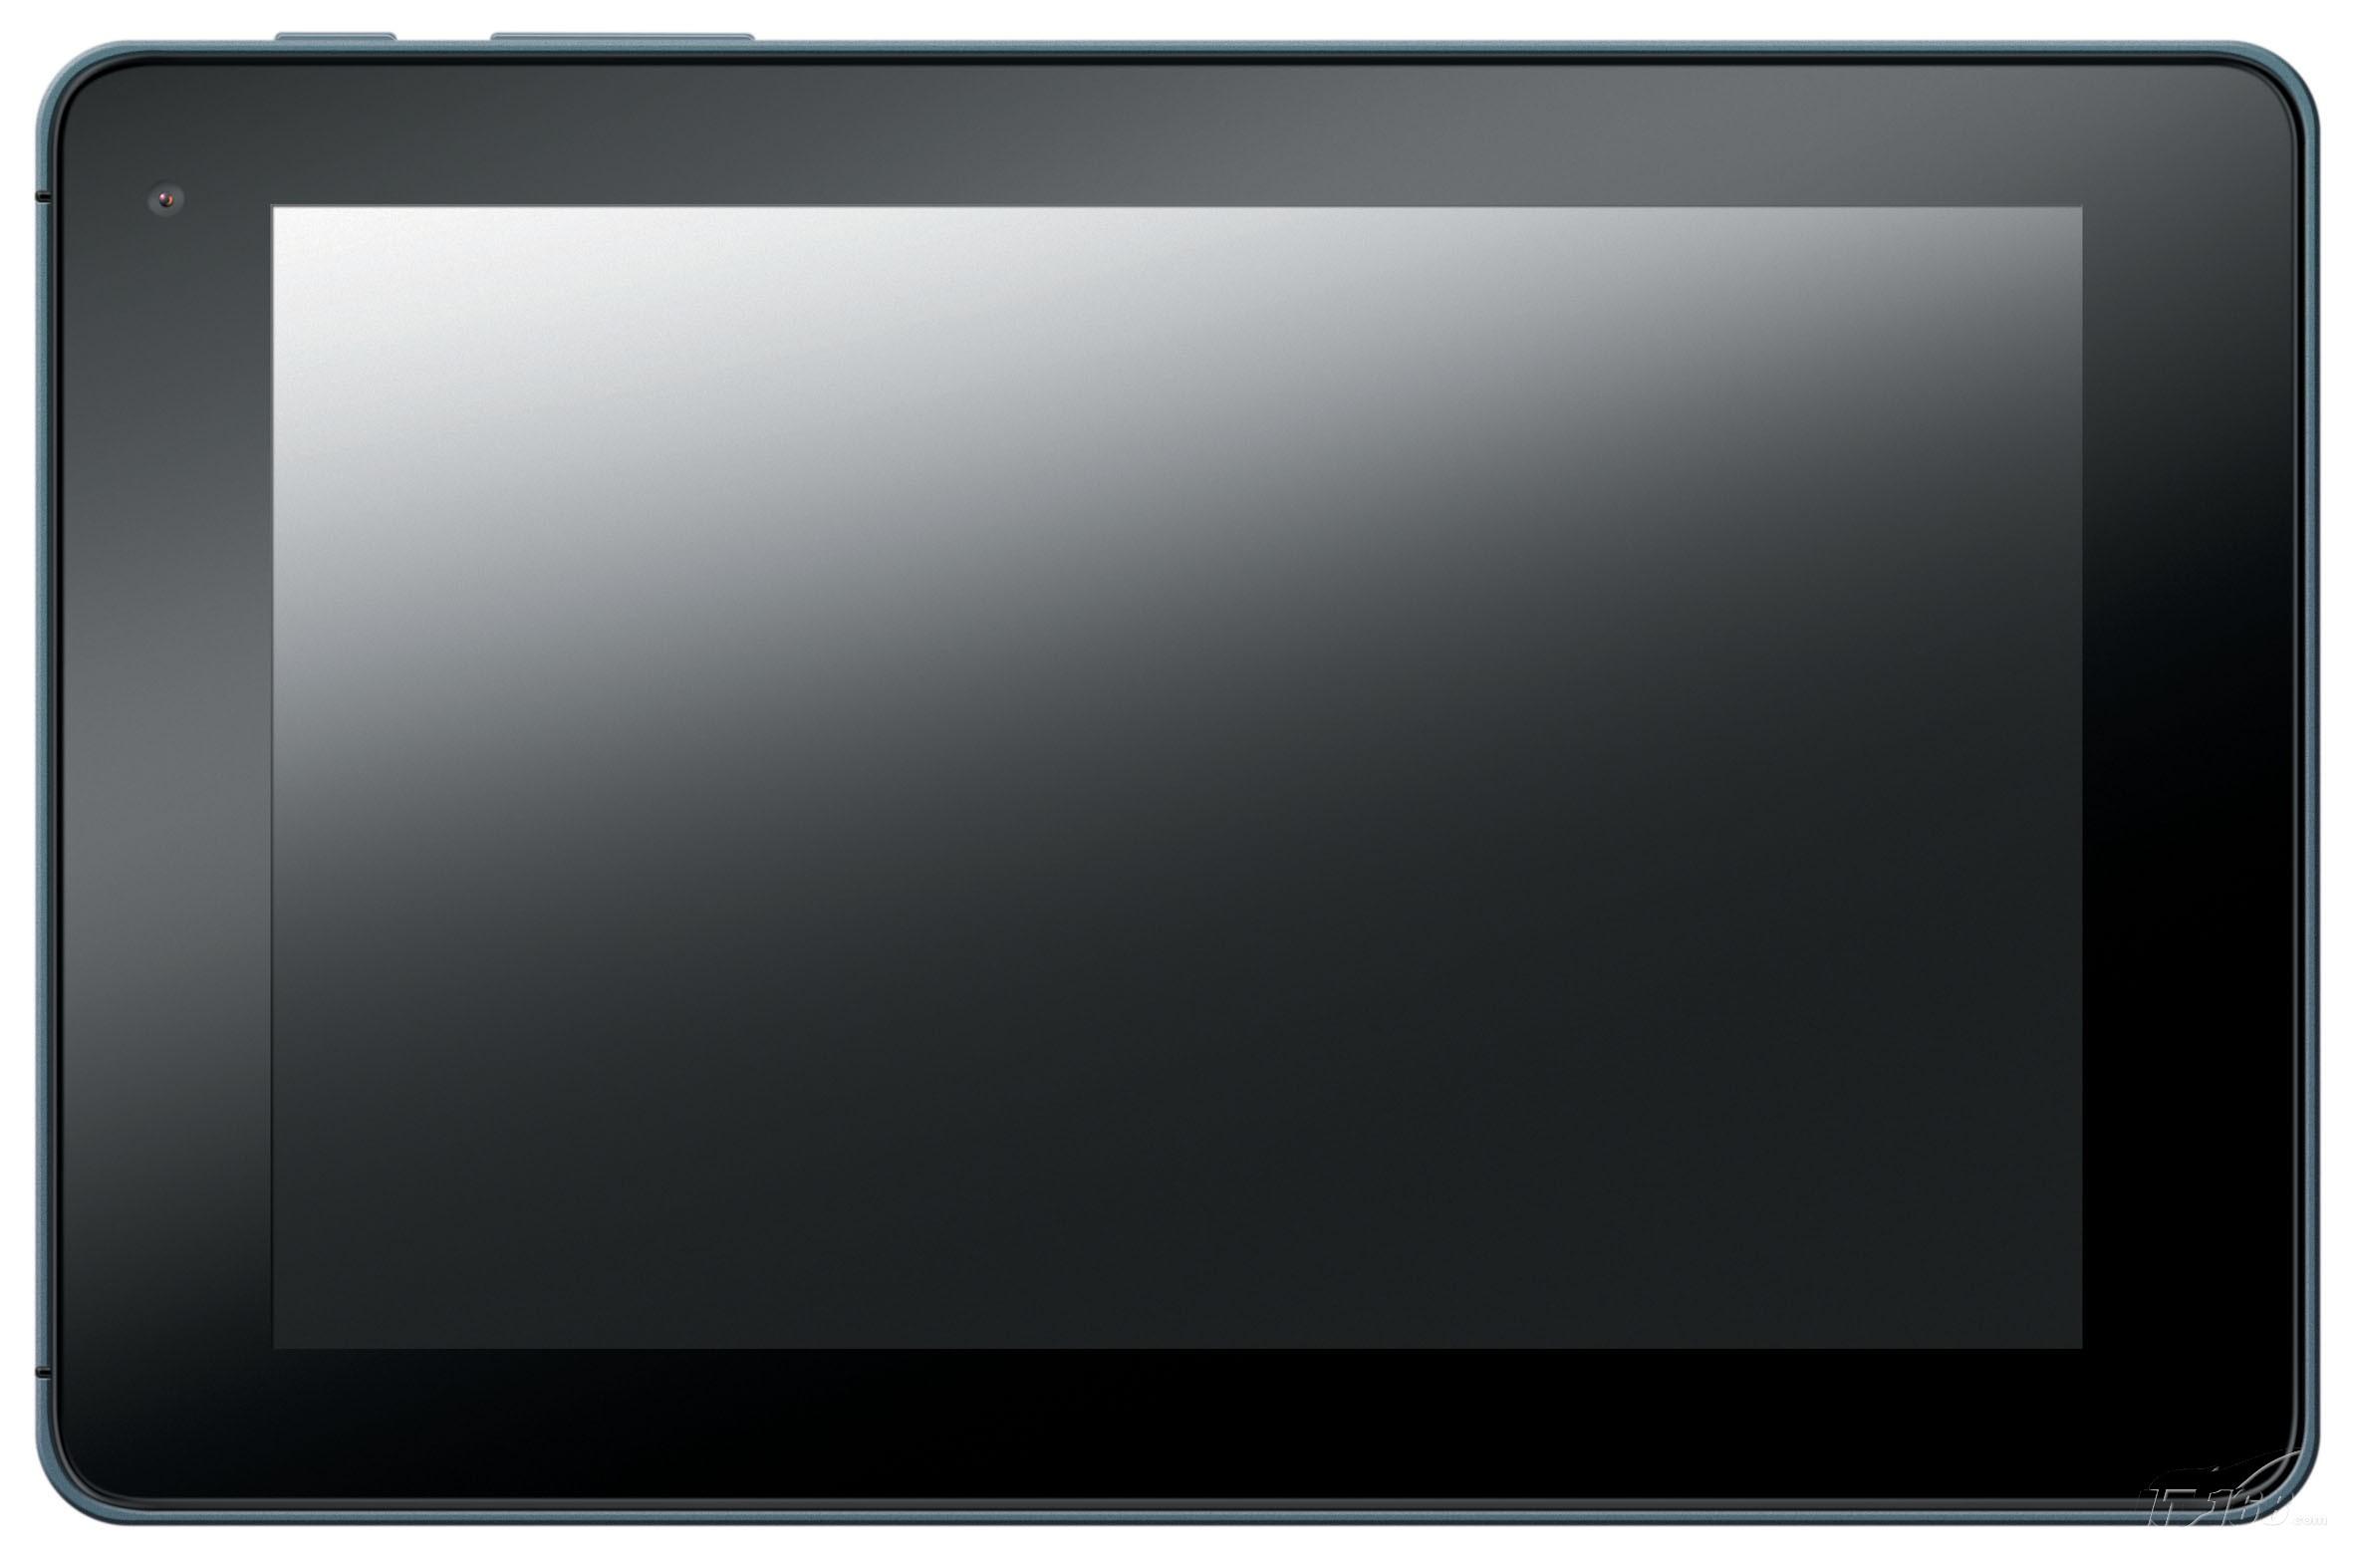 华为mediapad平板电脑产品图片38素材-it168平板电脑